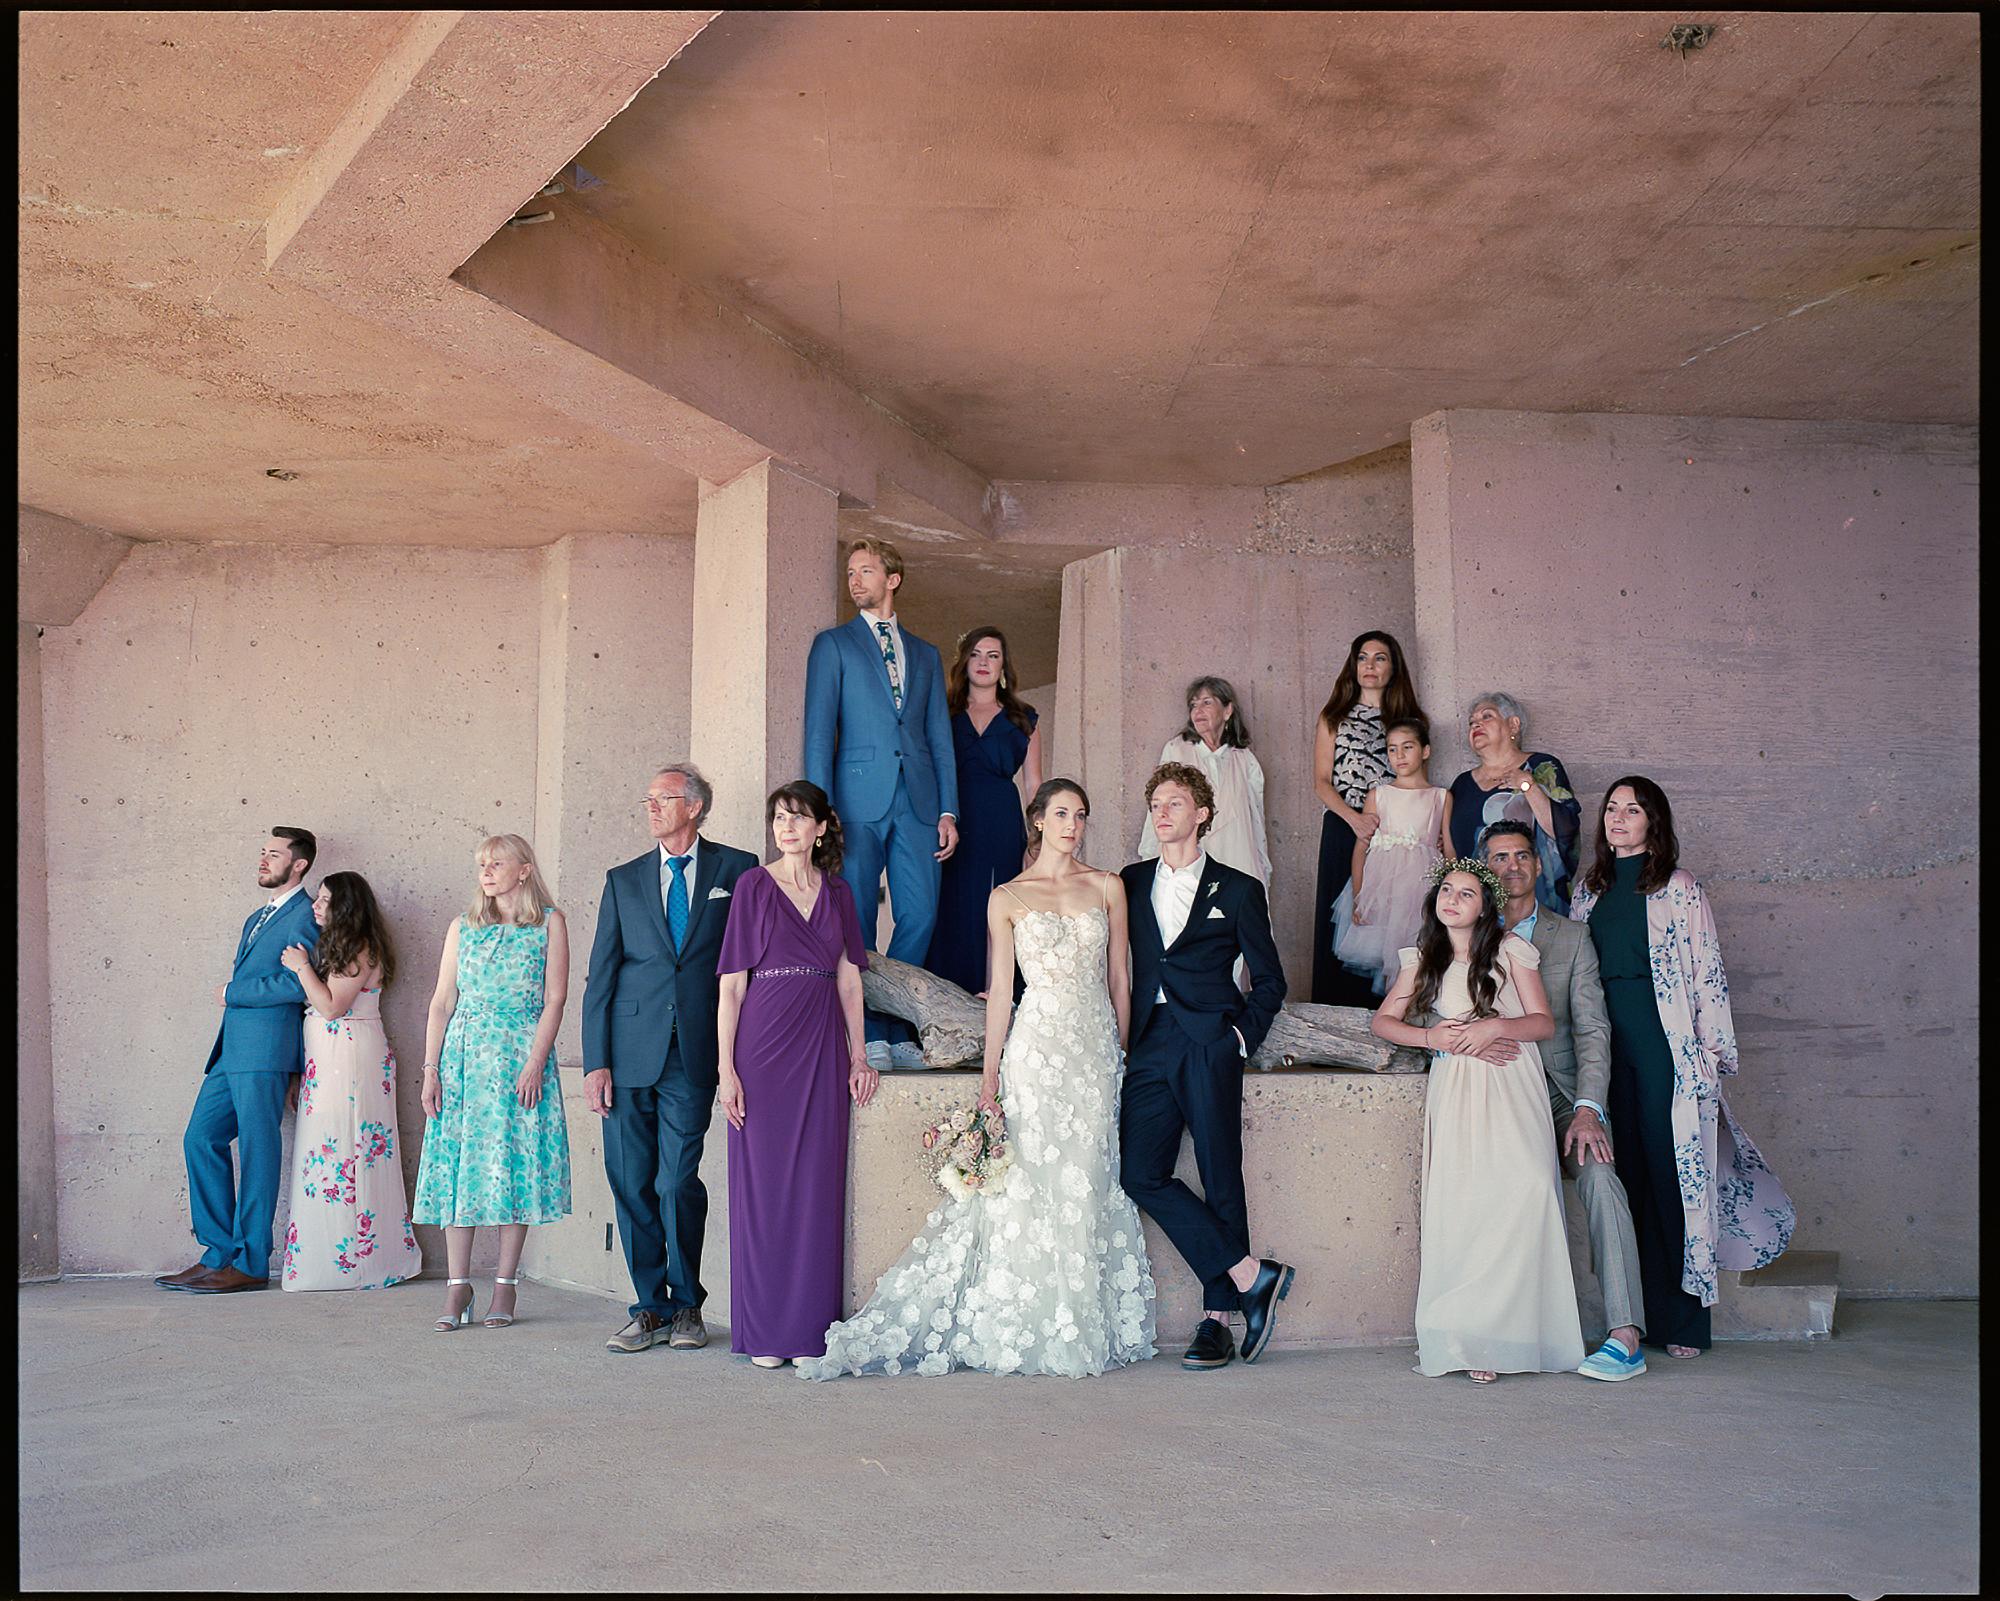 36-Jackie-Skylar-Wedding-Portra-400_1.JPG